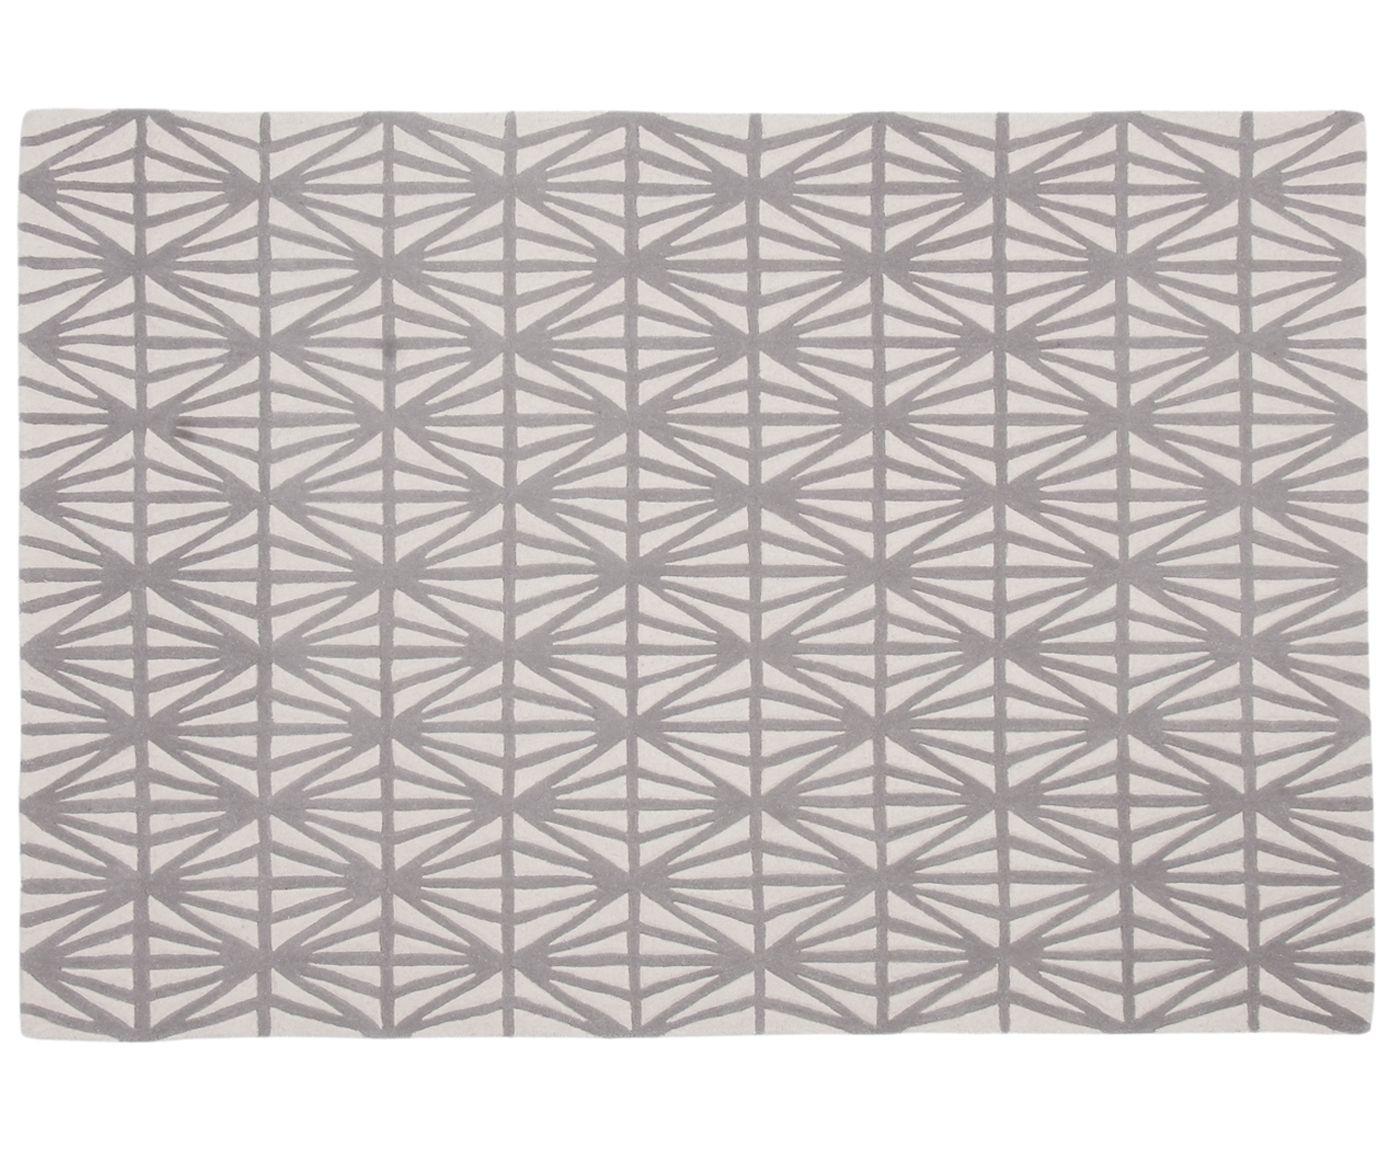 Faszinierend Teppich Skandinavisch Sammlung Von Egal Ob Zum Retro-stil, Boho-look Oder Geprägten